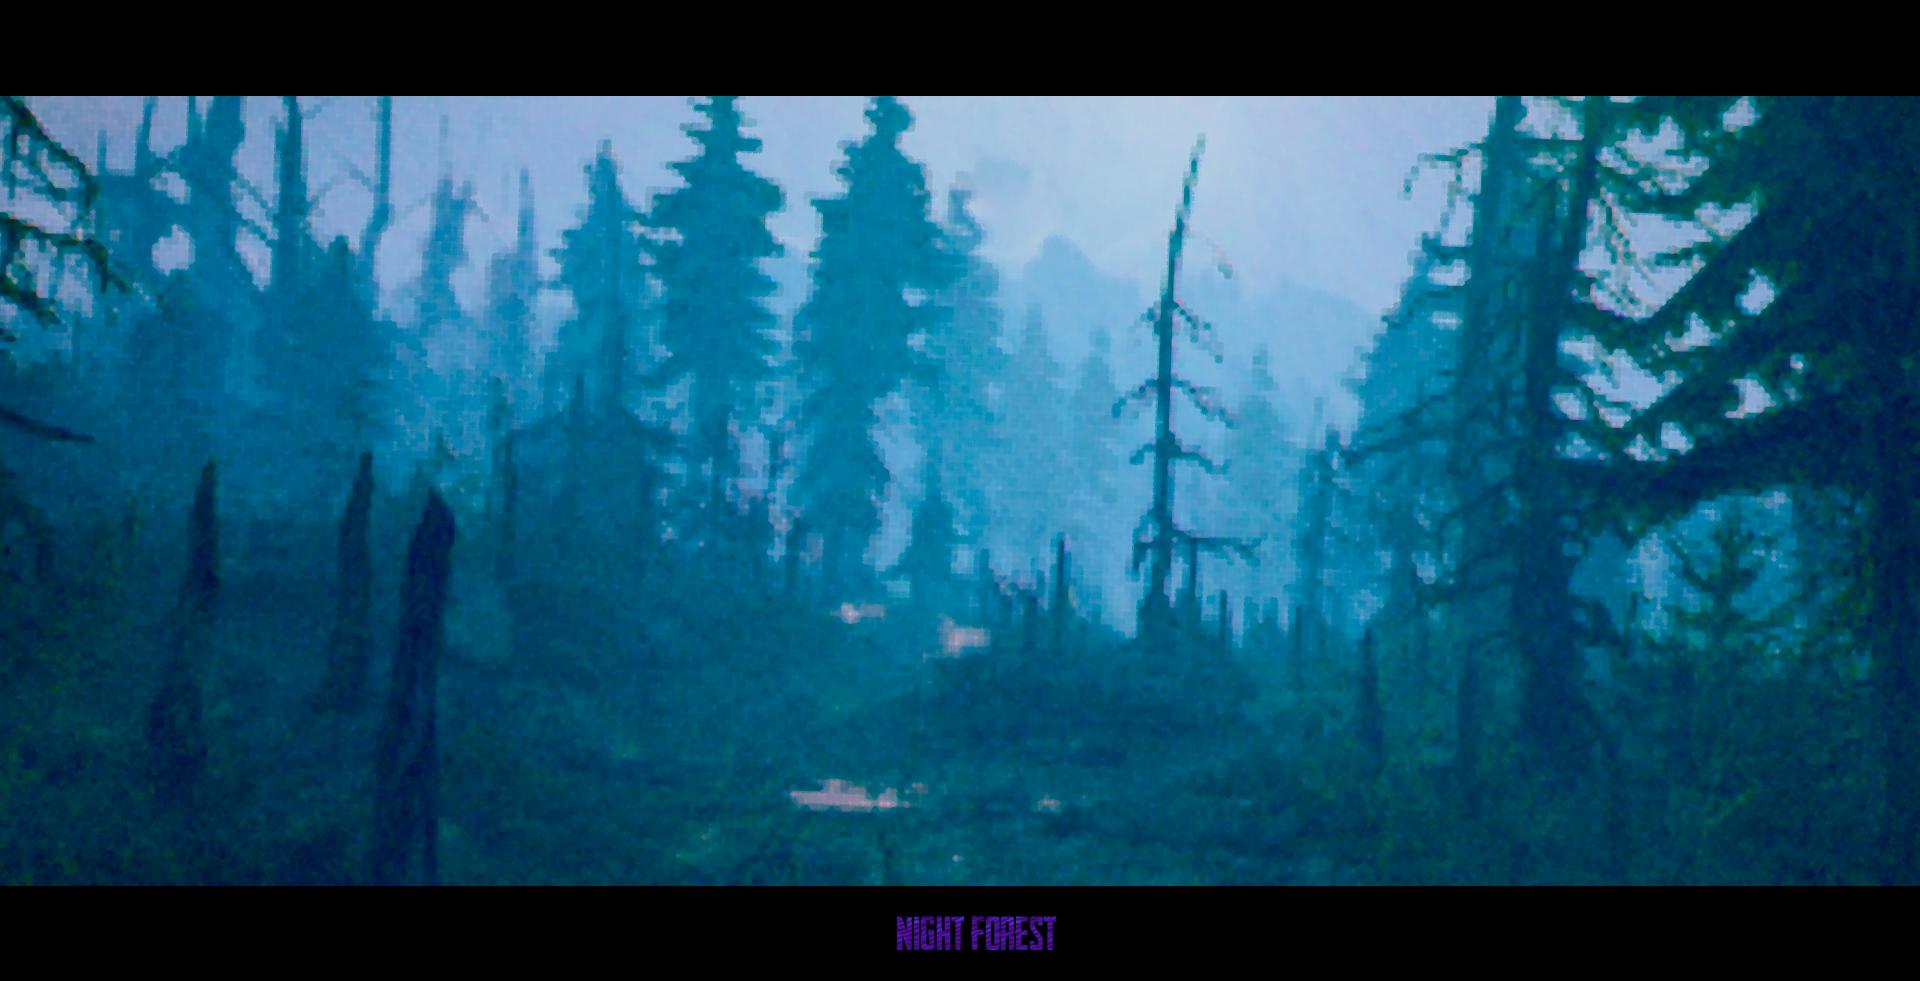 Night Forest 1920981 Hd Wallpaper Pinterest Wallpaper